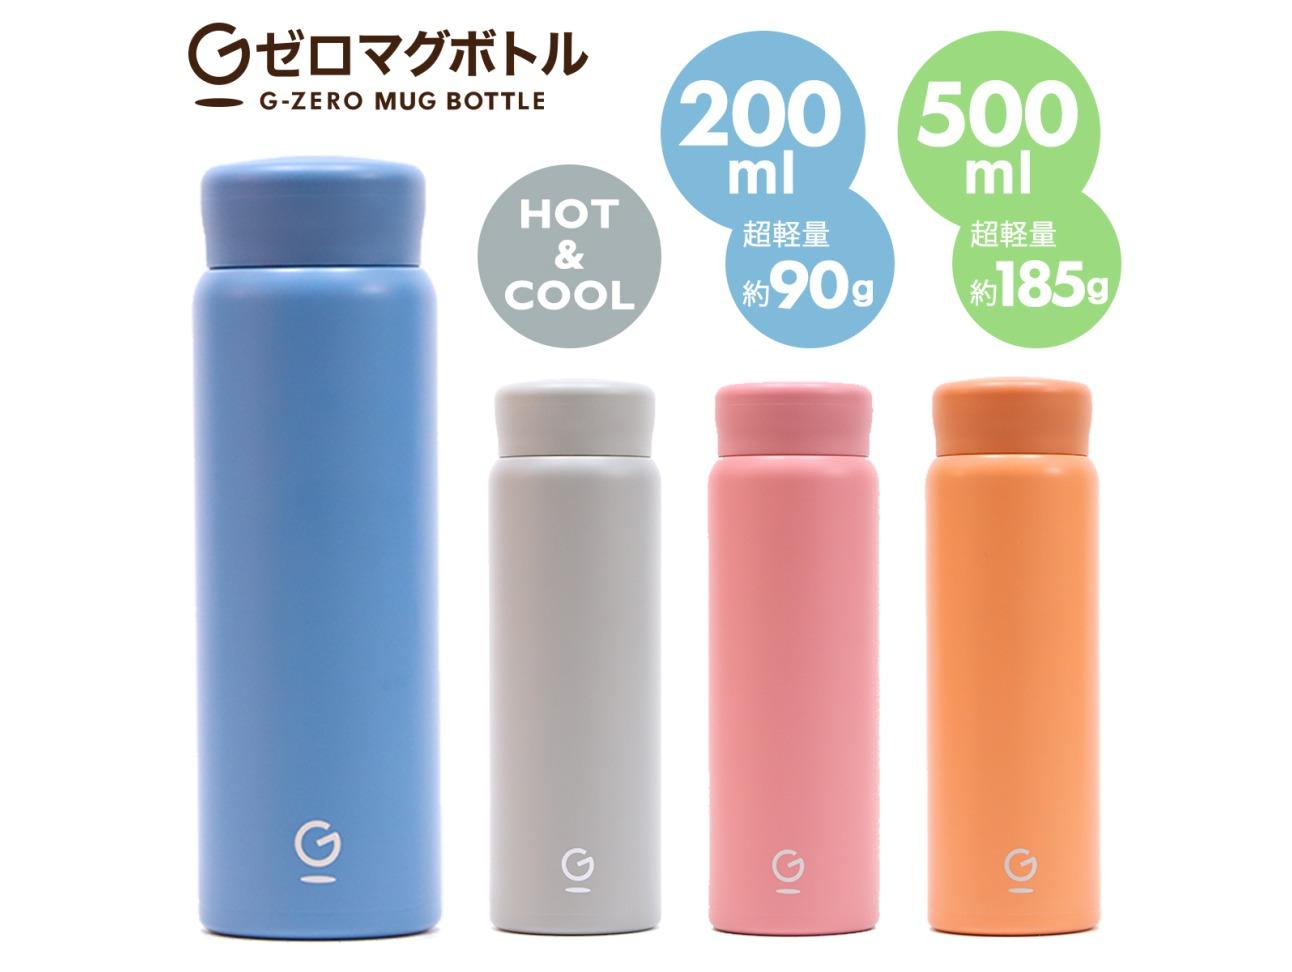 Gゼロマグボトル(200ml・500ml)